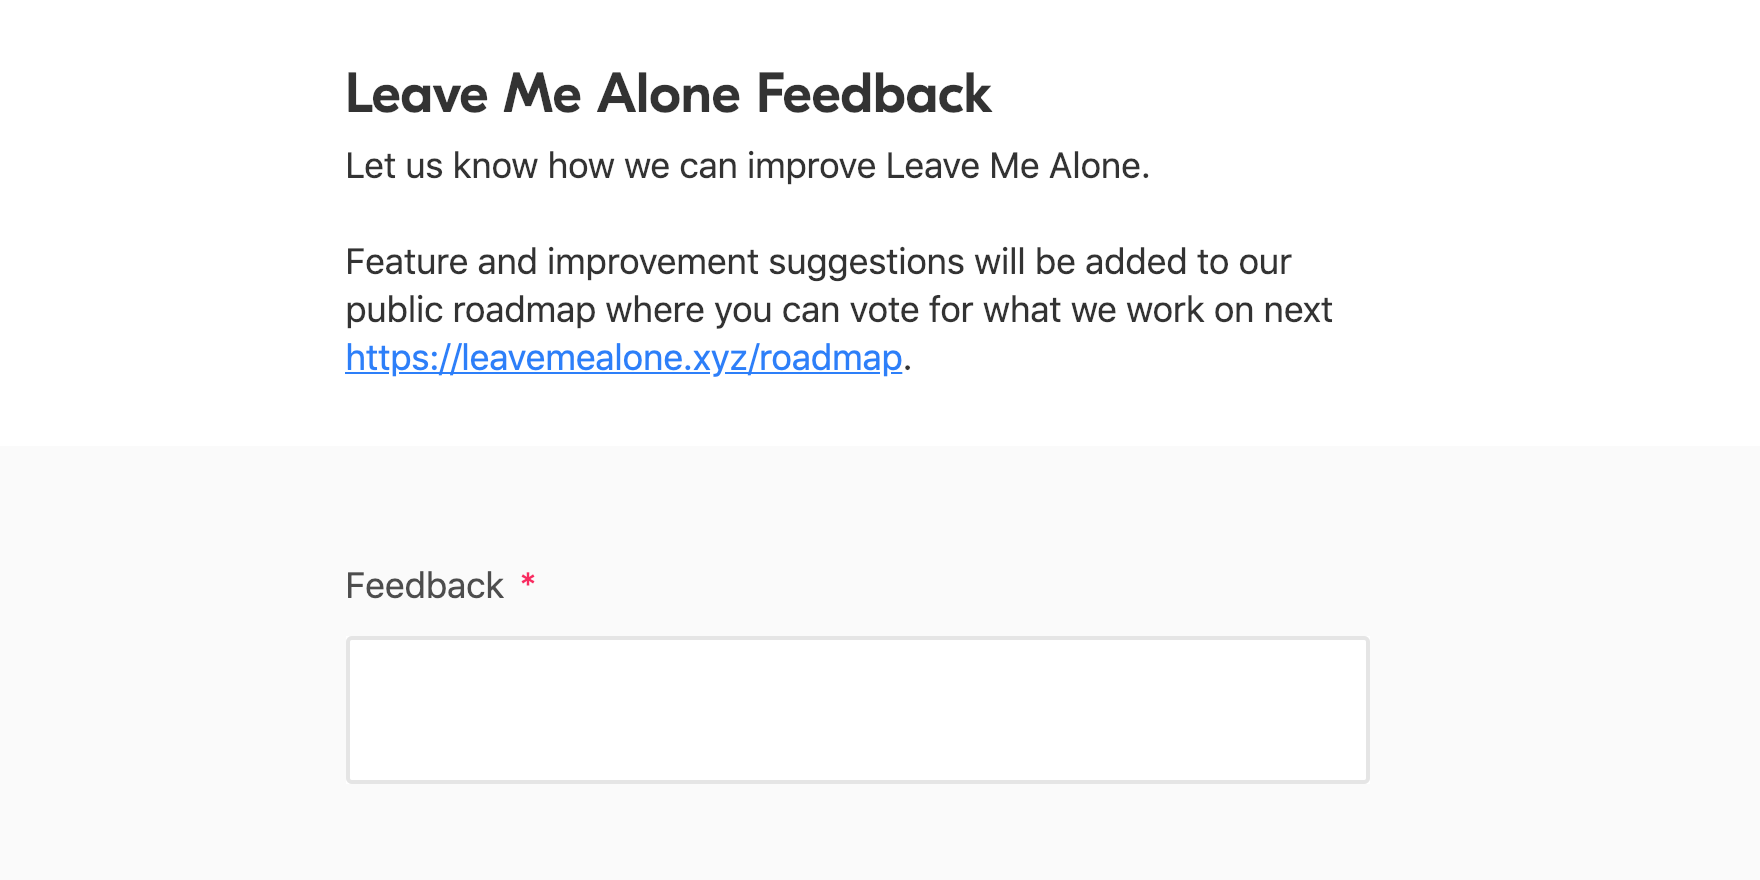 leave_me_alone_feedback